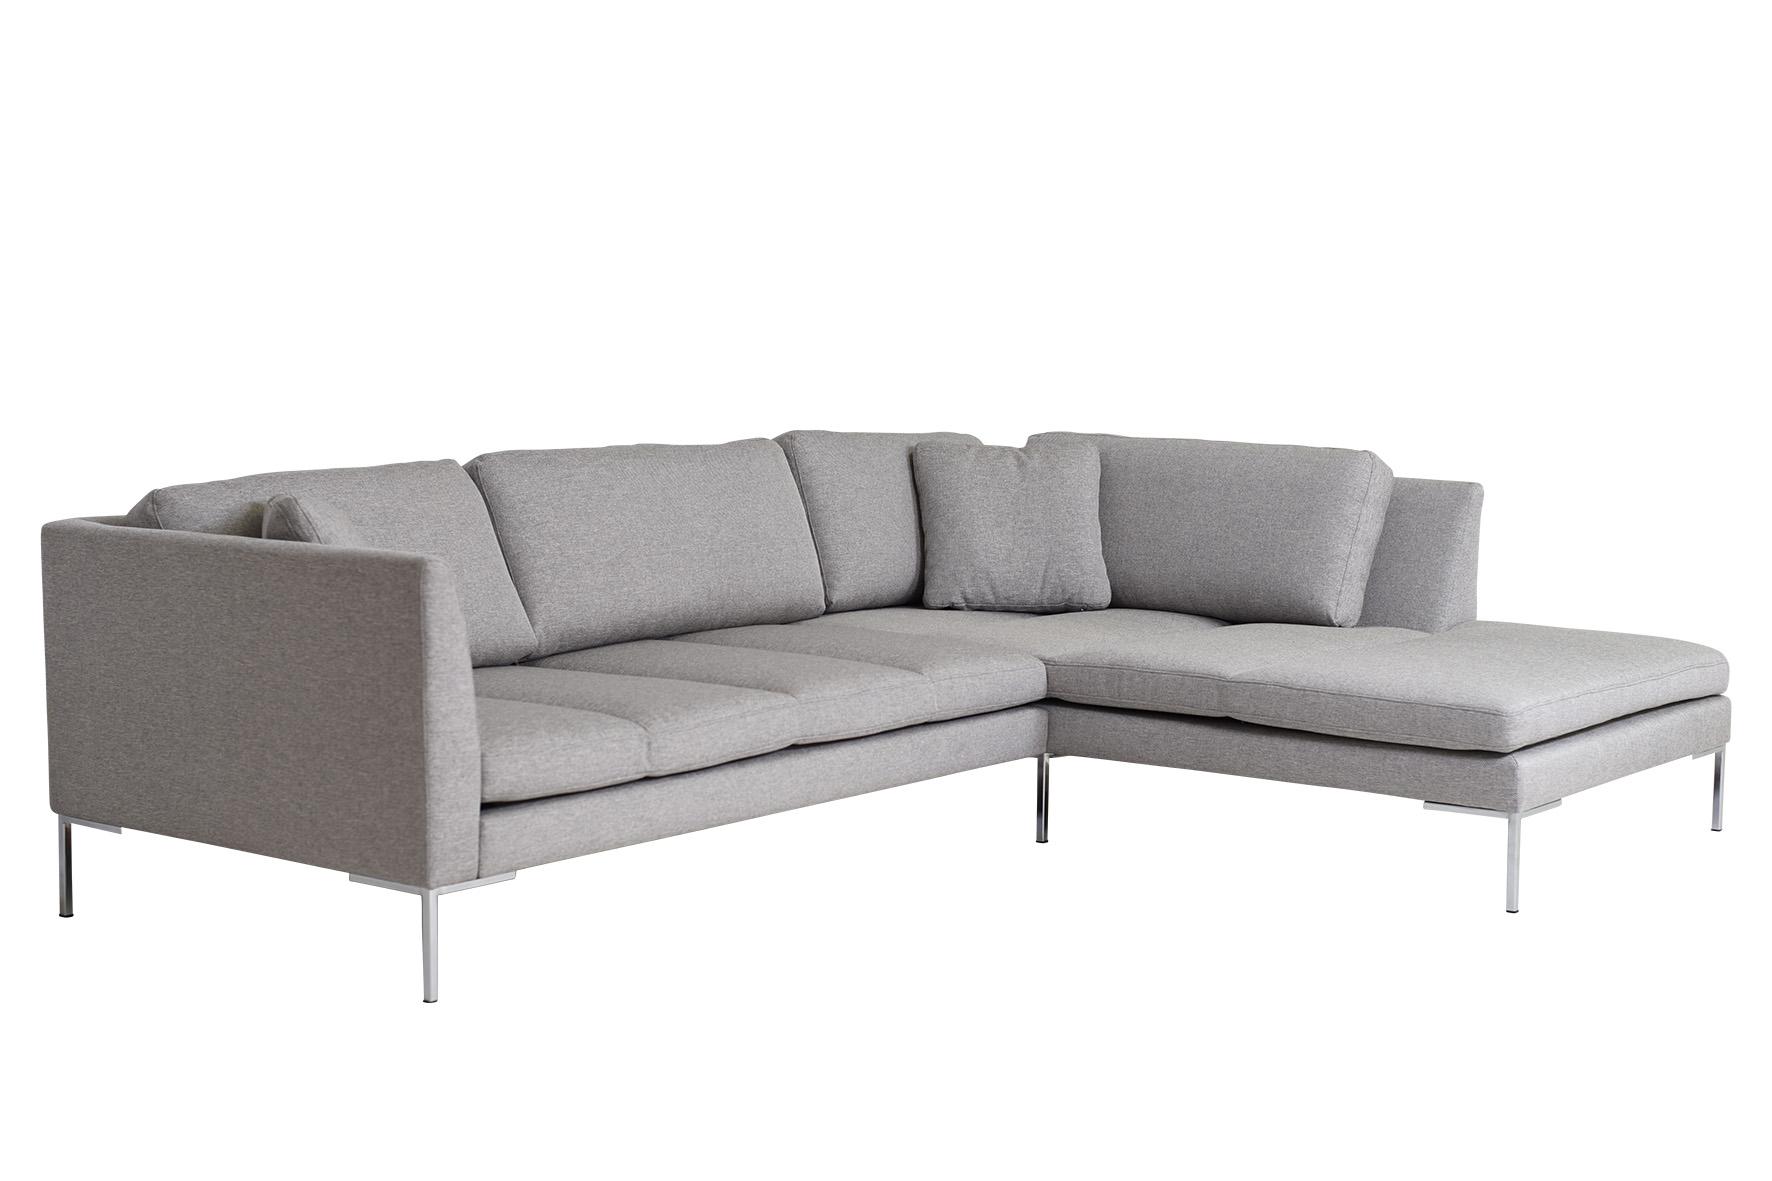 Ecksofa Felix modernes elegantes Designer Sofa Stoff Grau ...